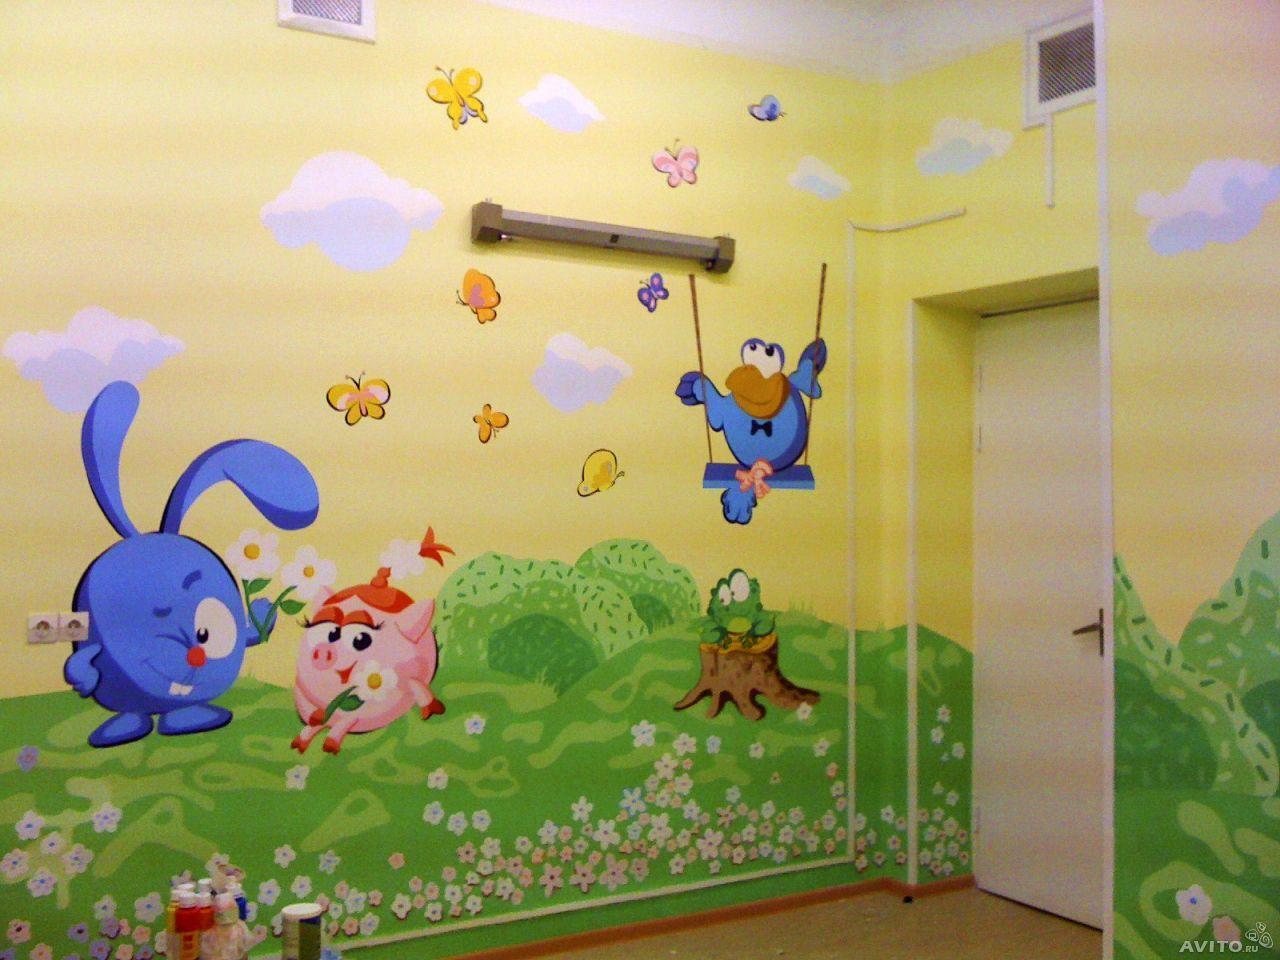 Рисунки на стену в комнате своими руками фото